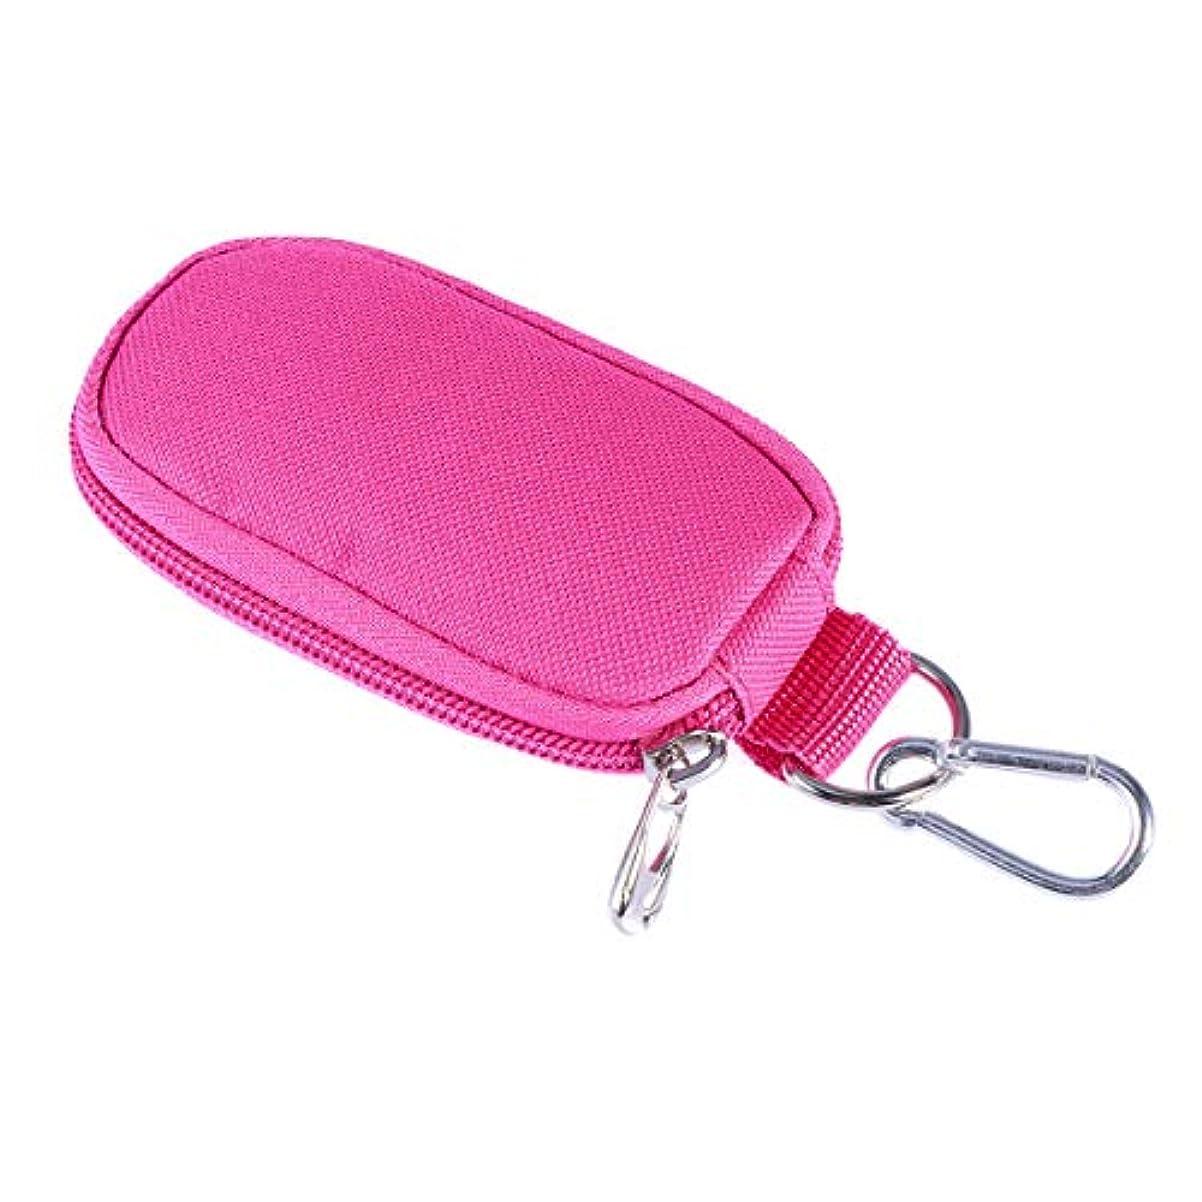 テーブル反対した寝室Healifty エッセンシャルオイルケースポータブルハンドルバッグは旅行のための2mlを握ります(ローズレッド)